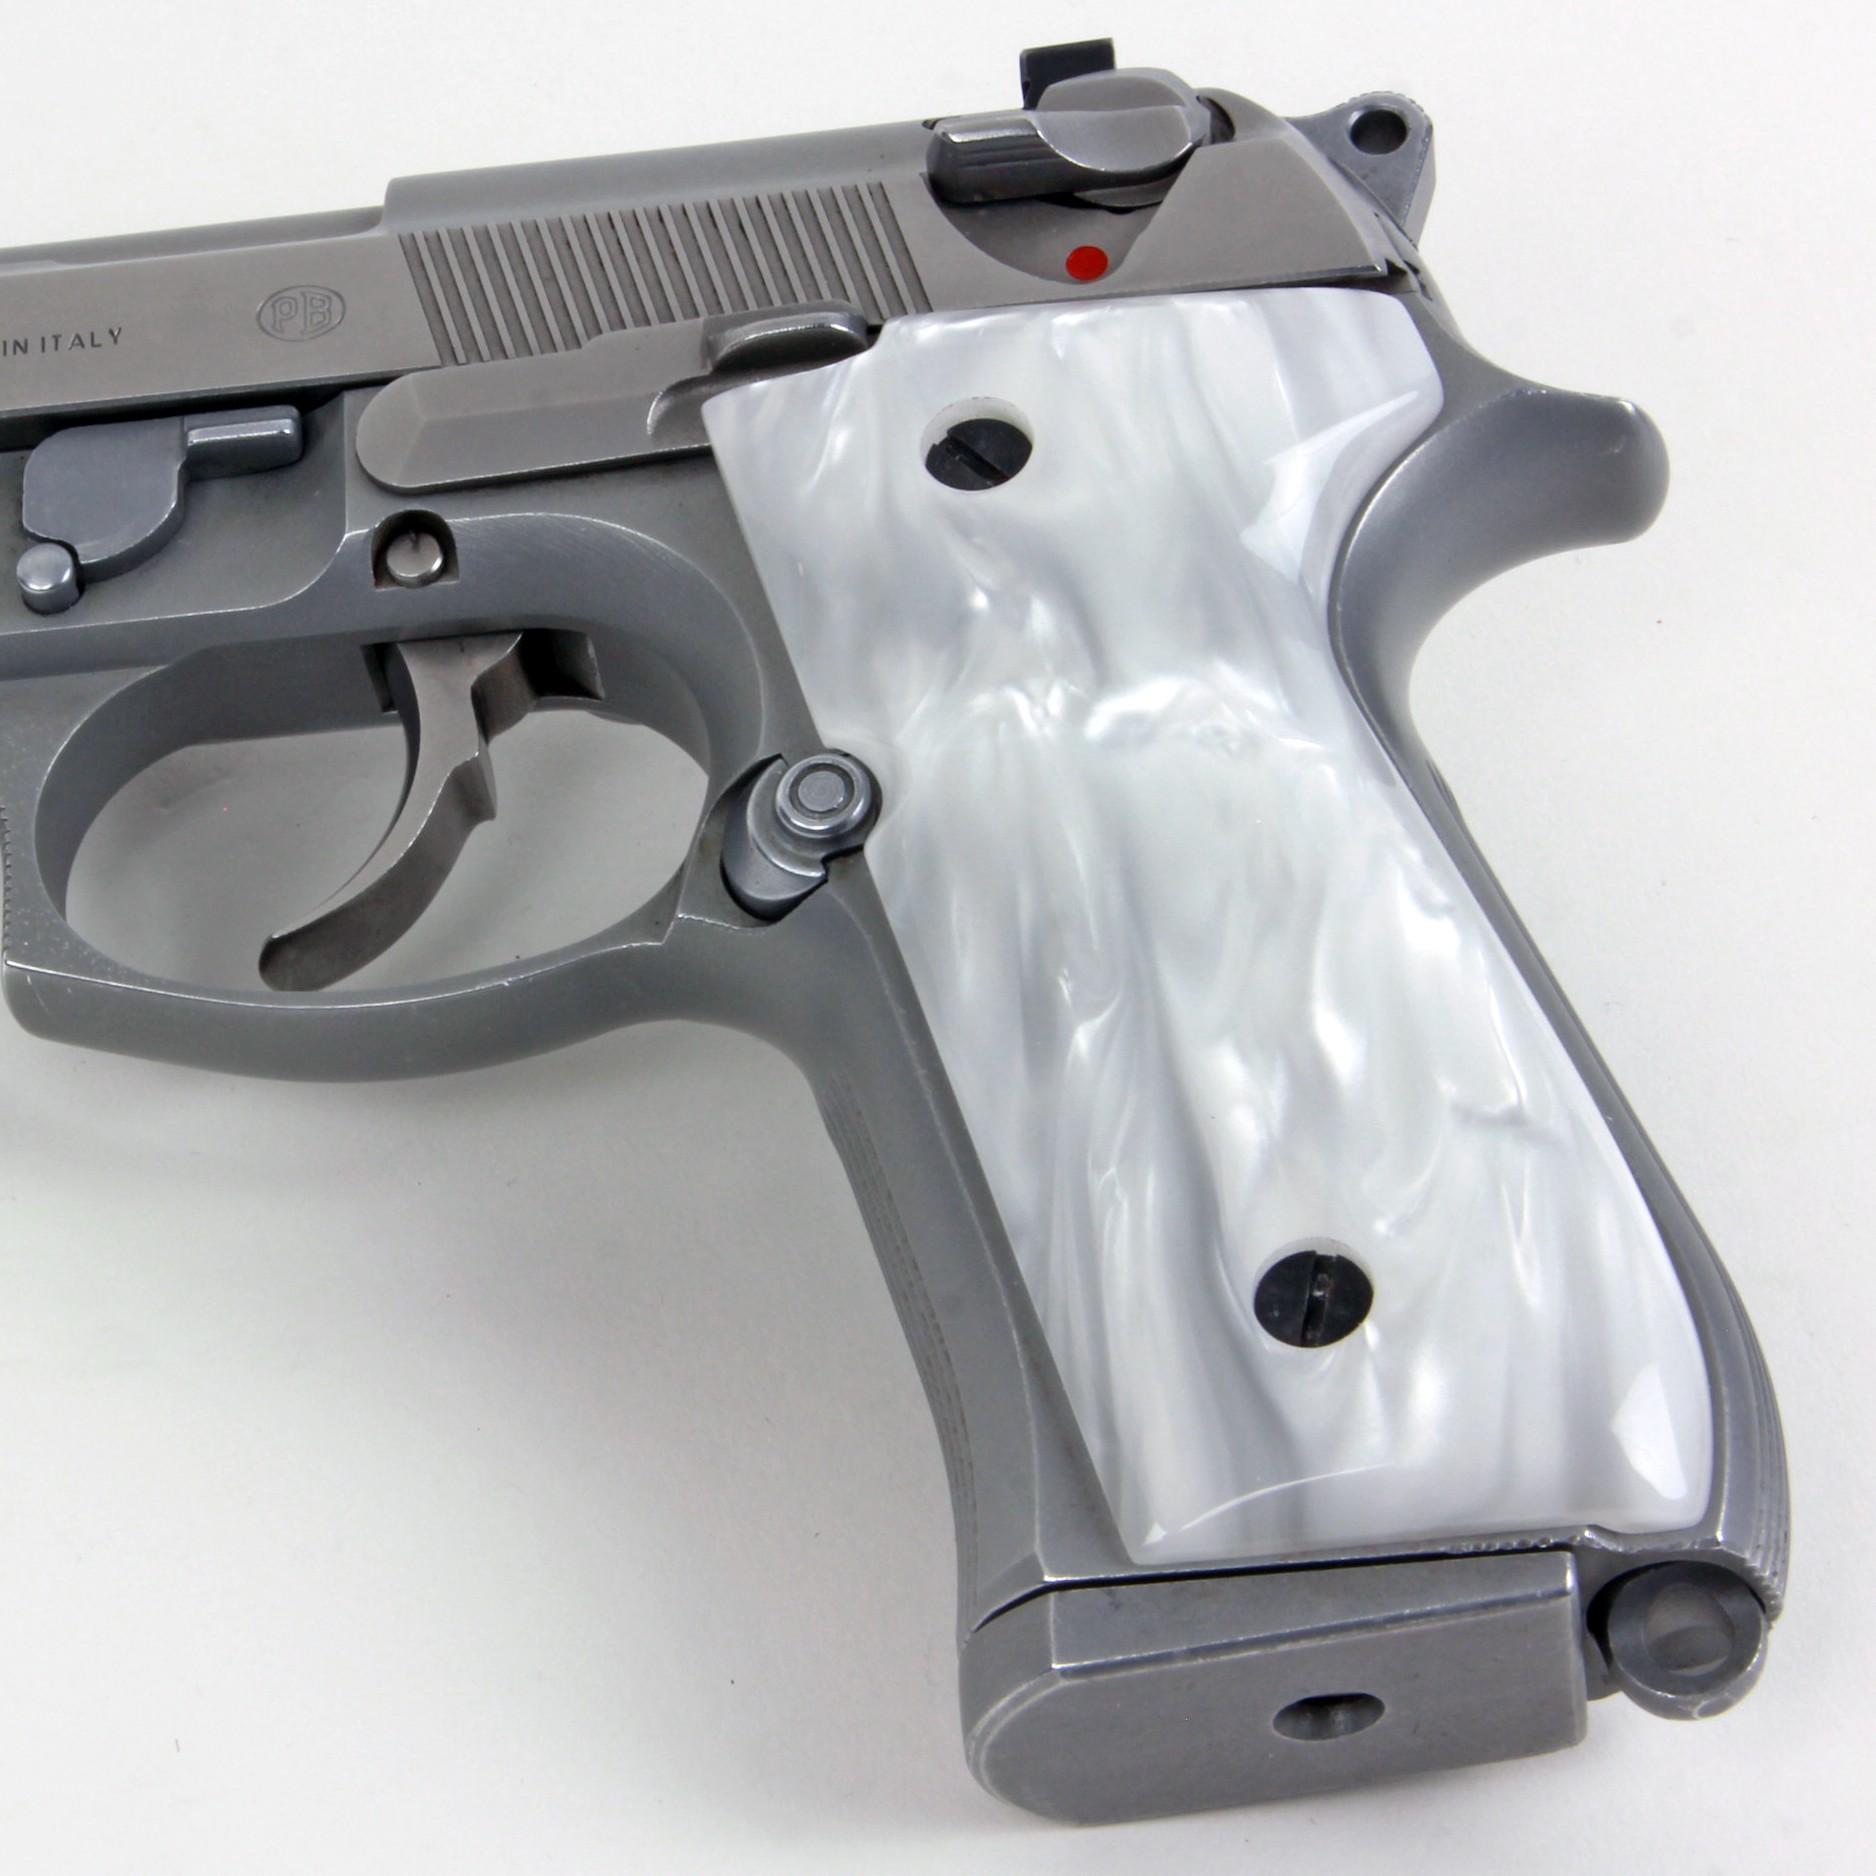 Beretta 92 M9 Series Kirinite White Pearl Grips